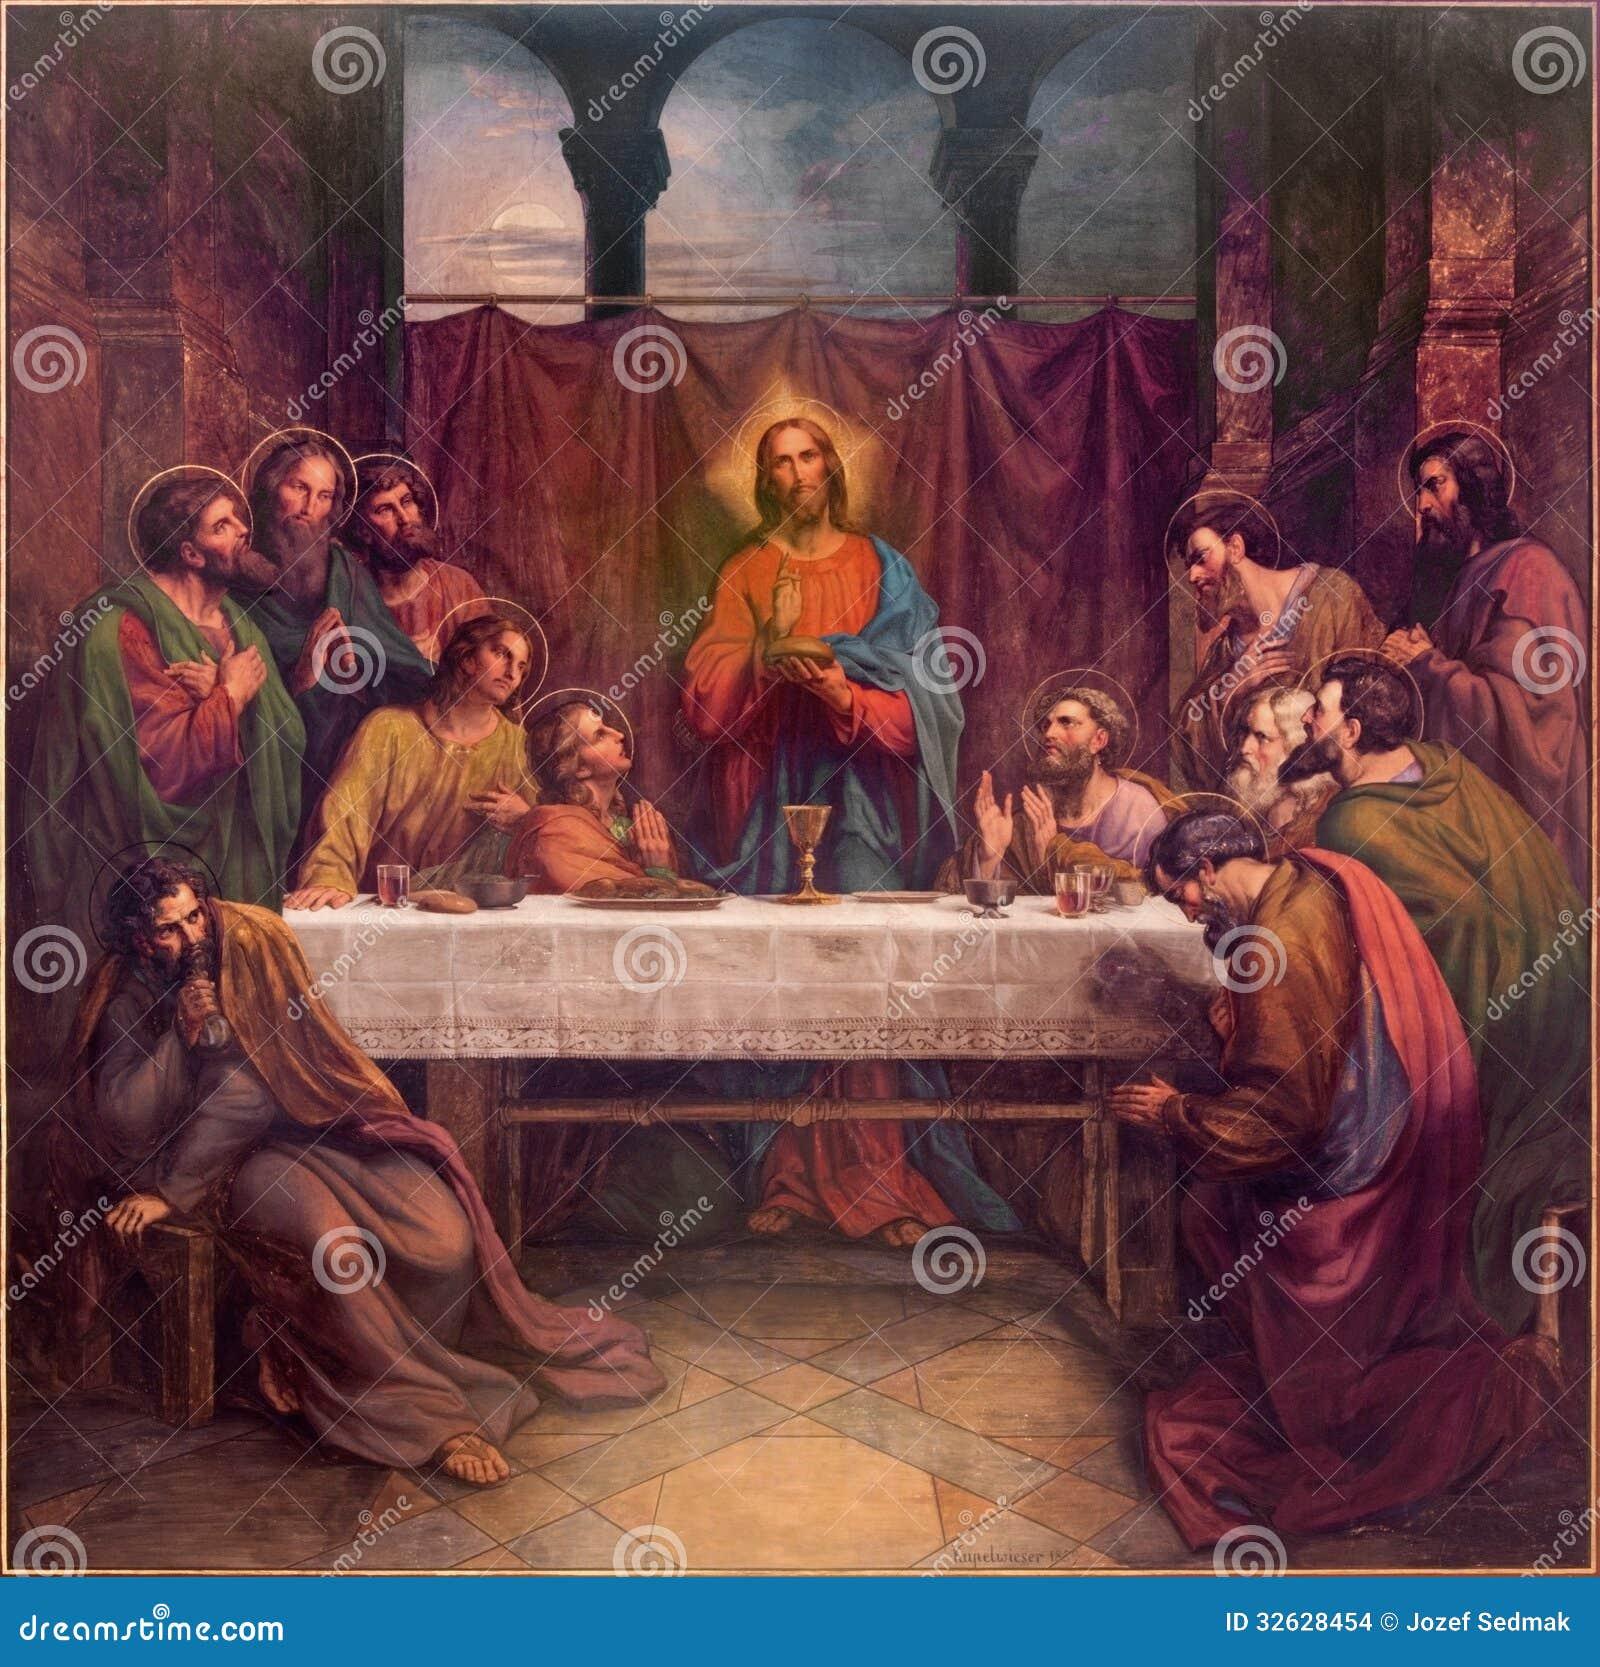 Wien - Fresko des letzten Abendessens von Christus durch Leopold Kupelwieser ab 1889 im Kirchenschiff von Altlerchenfelder-Kirche